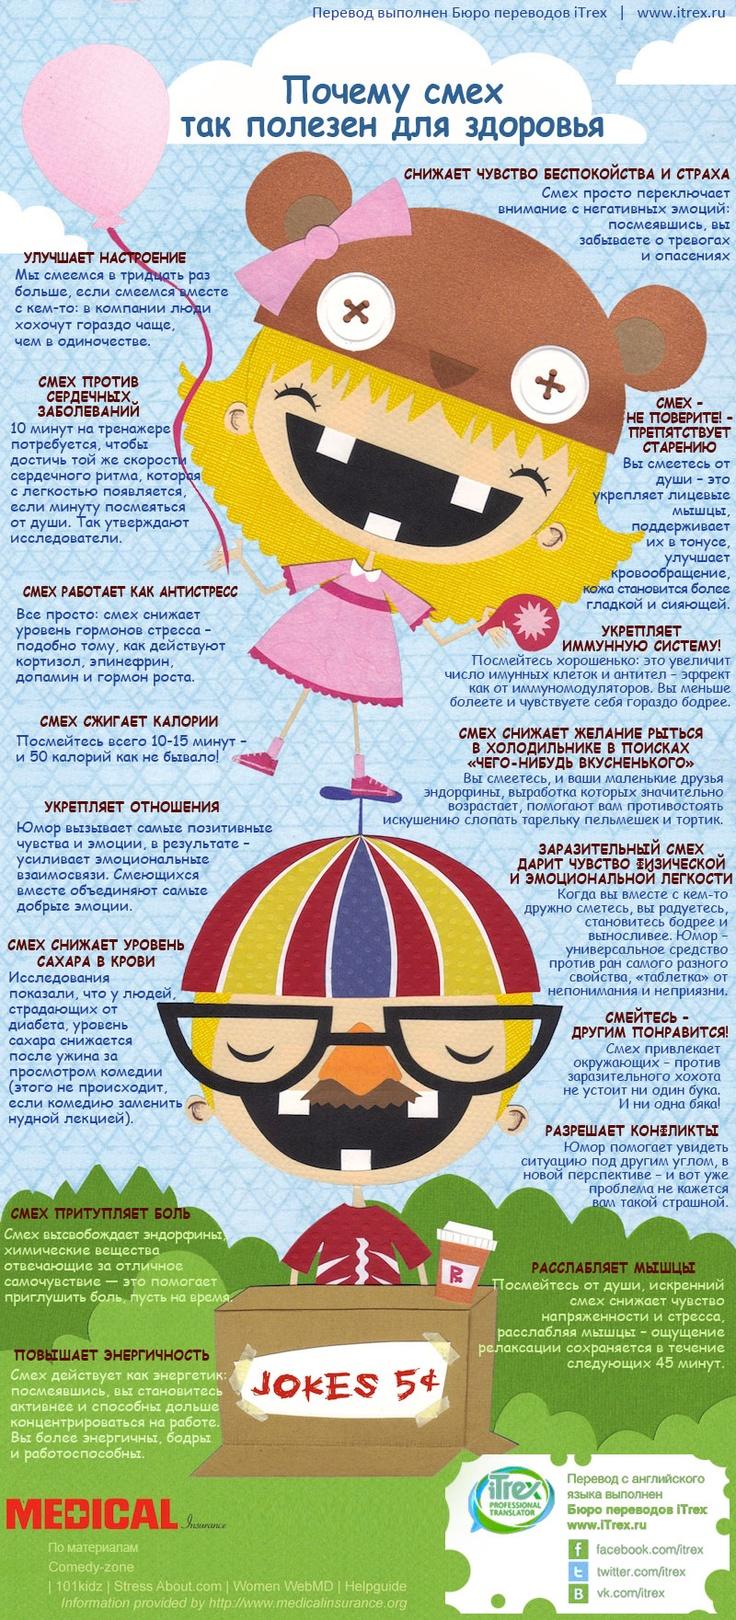 Почему смех полезен для здоровья?  Как часто и много вы смеетесь? Смехотерапию…